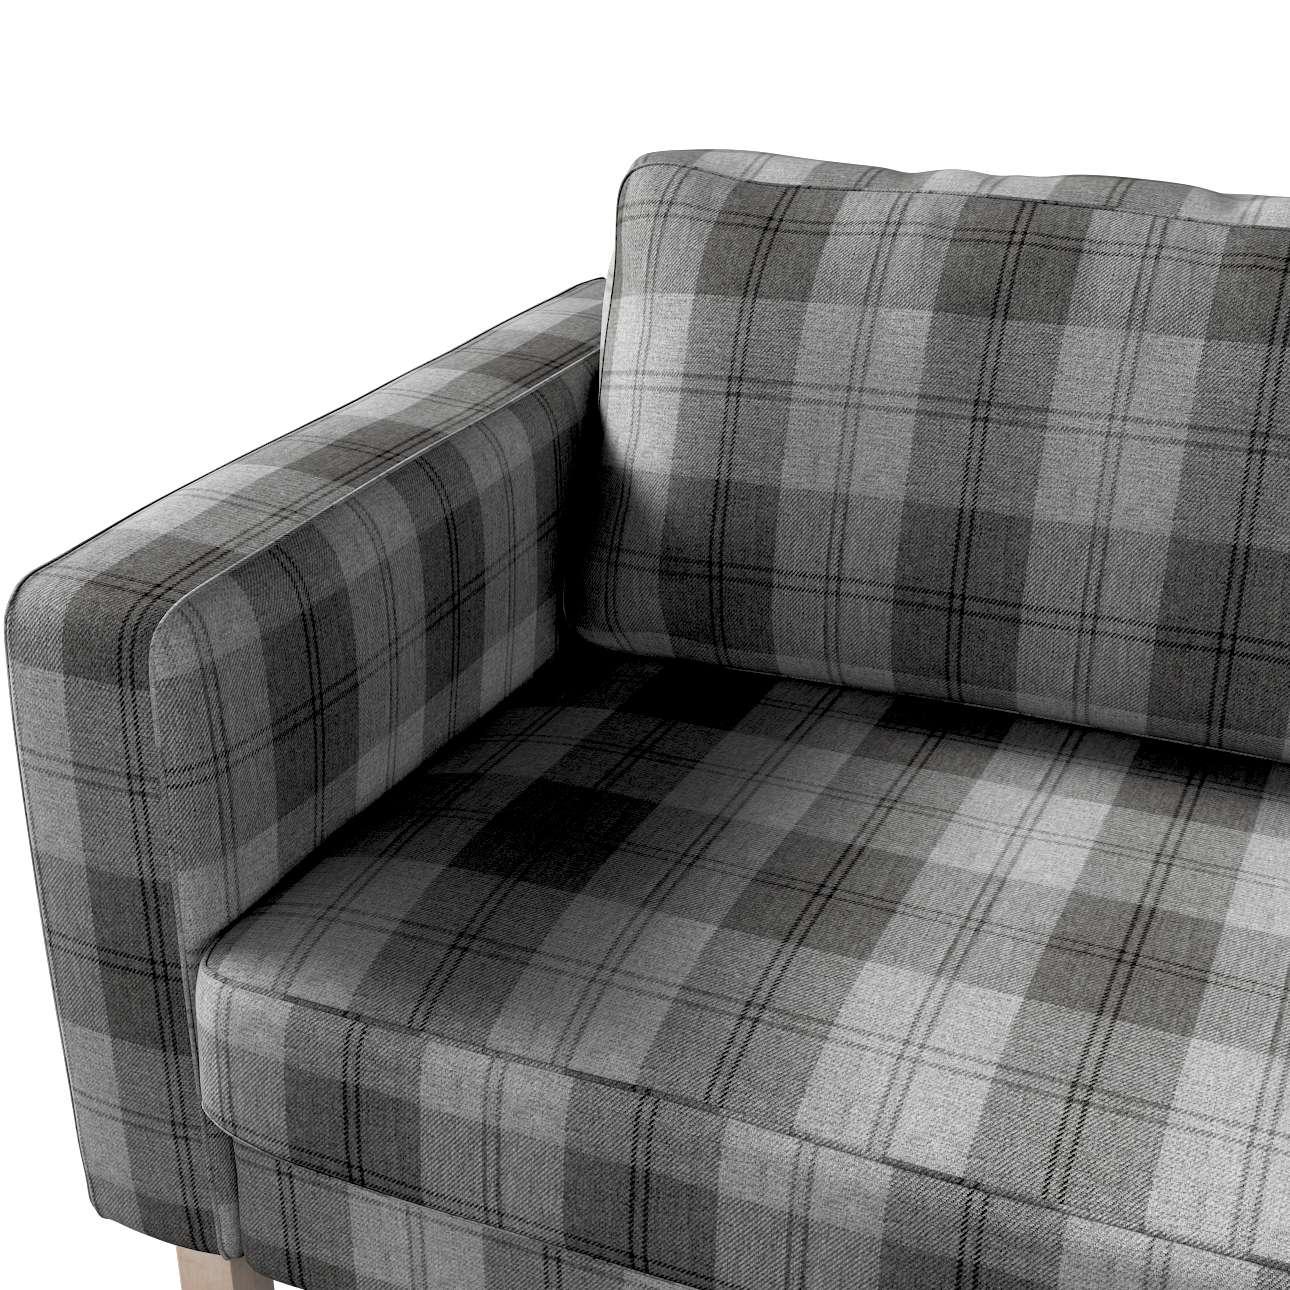 Potah na pohovku IKEA  Karlstad 3-místná, nerozkládací, krátký v kolekci Edinburgh, látka: 115-75